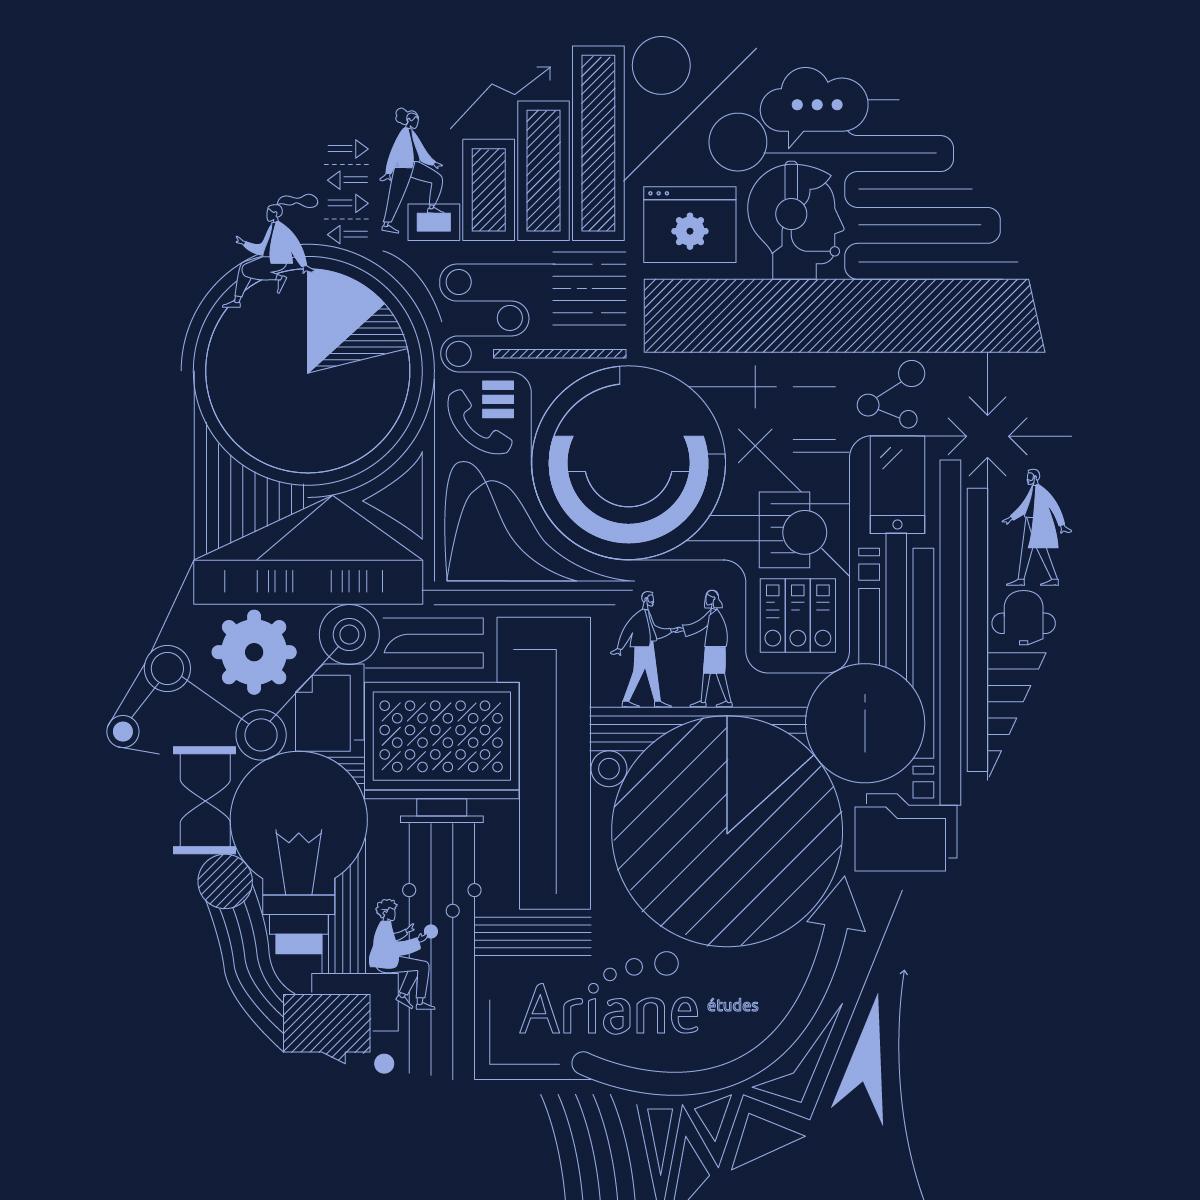 Composition d'éléments graphiques et du logo Ariane Etudes, représentant un visage